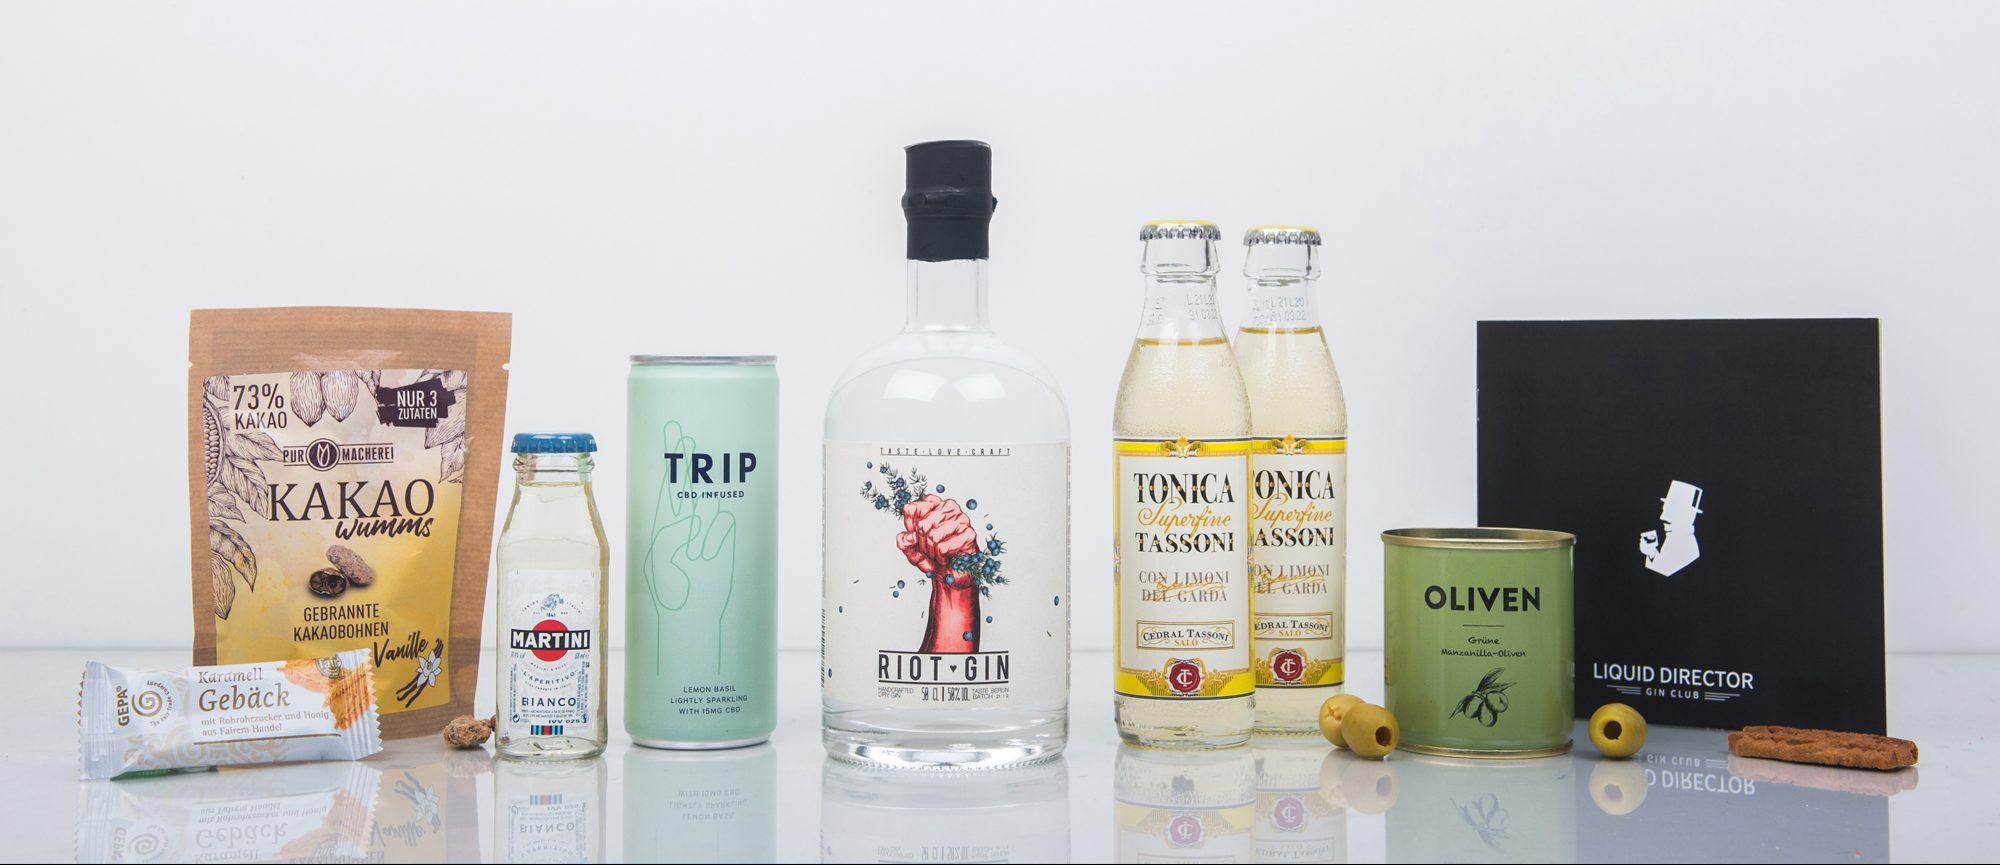 Der Riot Gin im Liquid Director Gin Abo